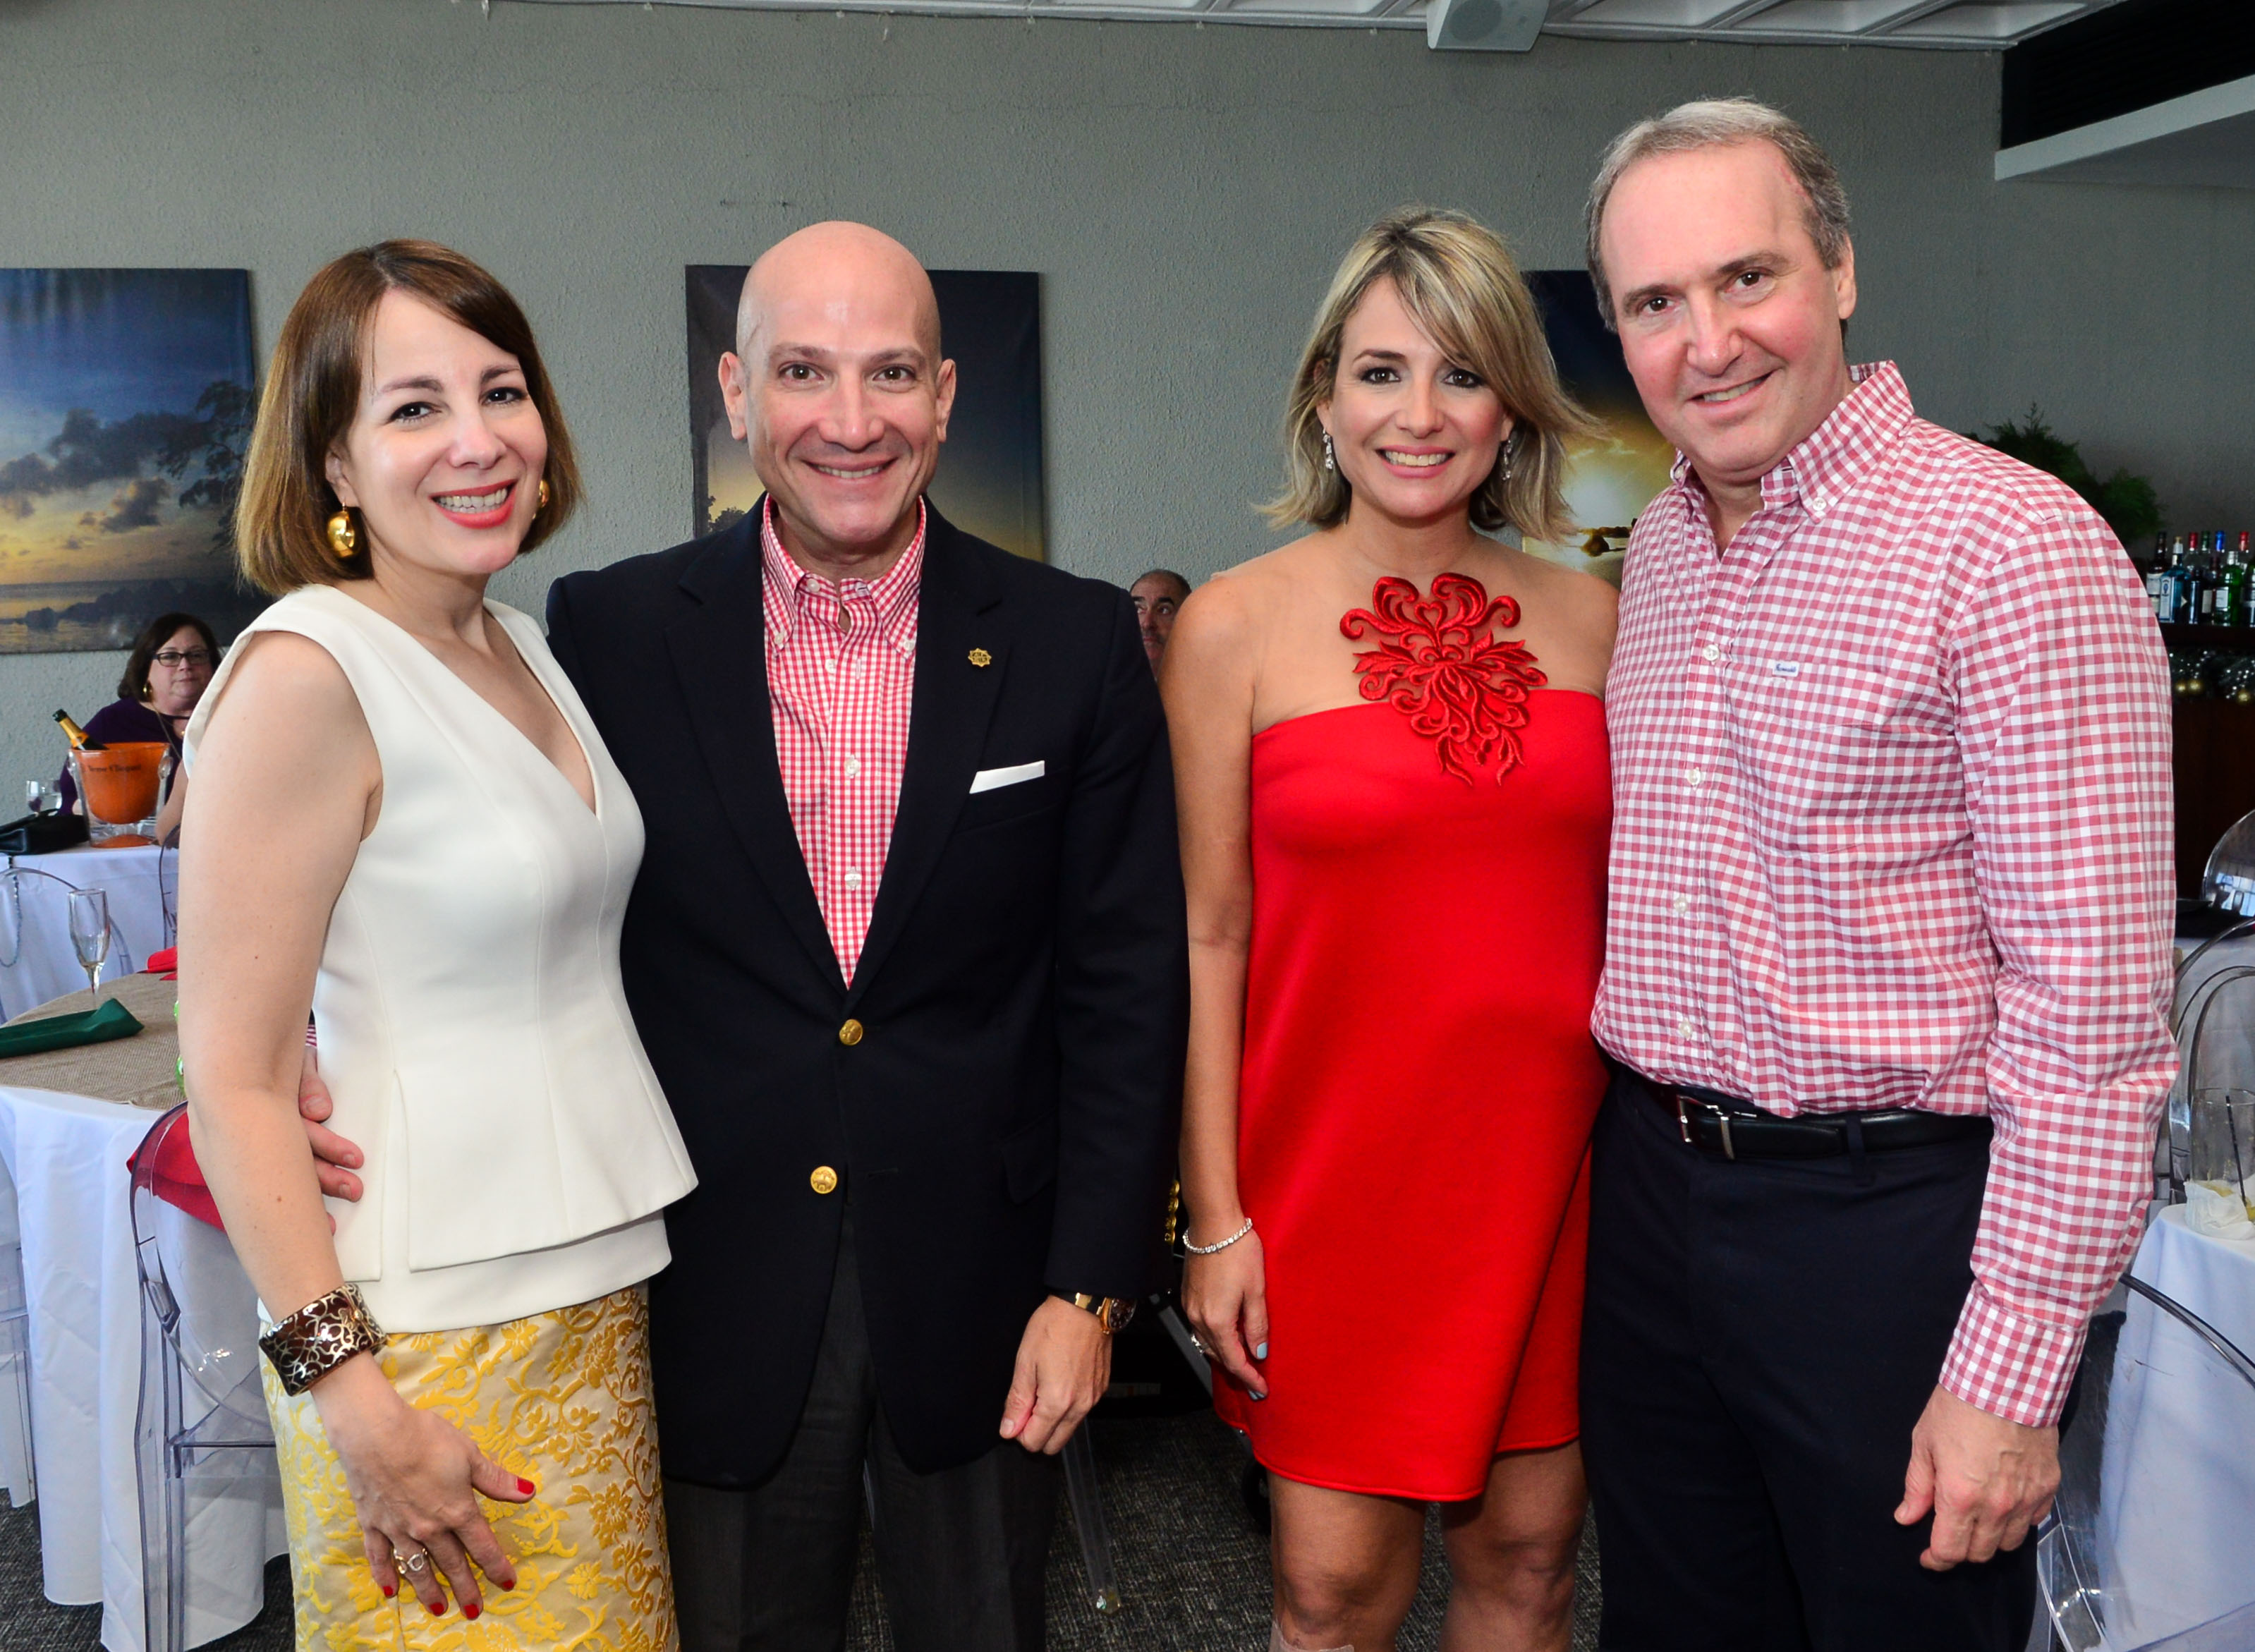 Mardi y Eliseo Roques, junto a Mimi y Alfredo Santaella. Foto Enid M. Salgado Mercado.